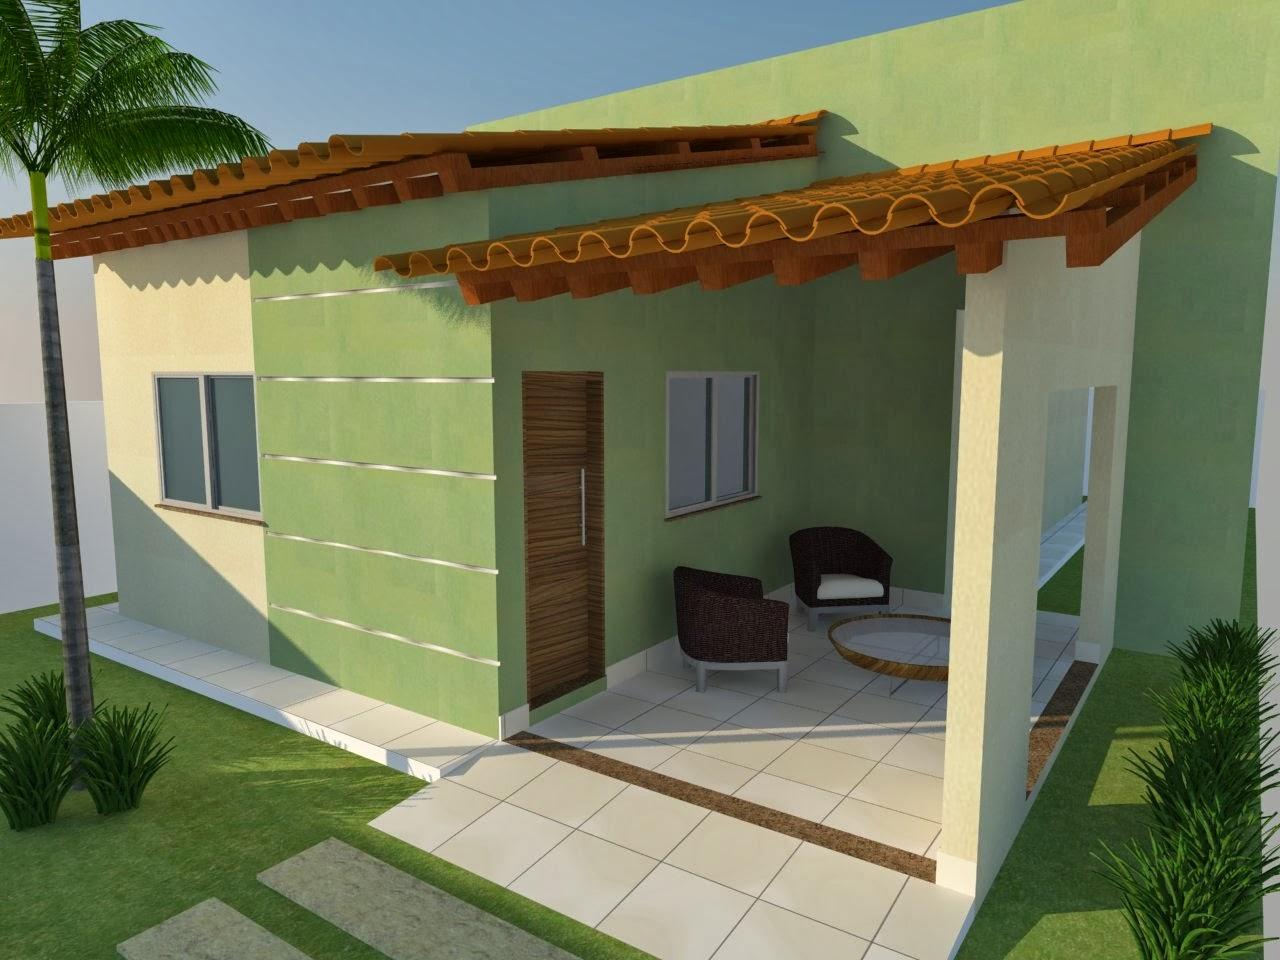 Anna roberta lira casa popular for Casa popular